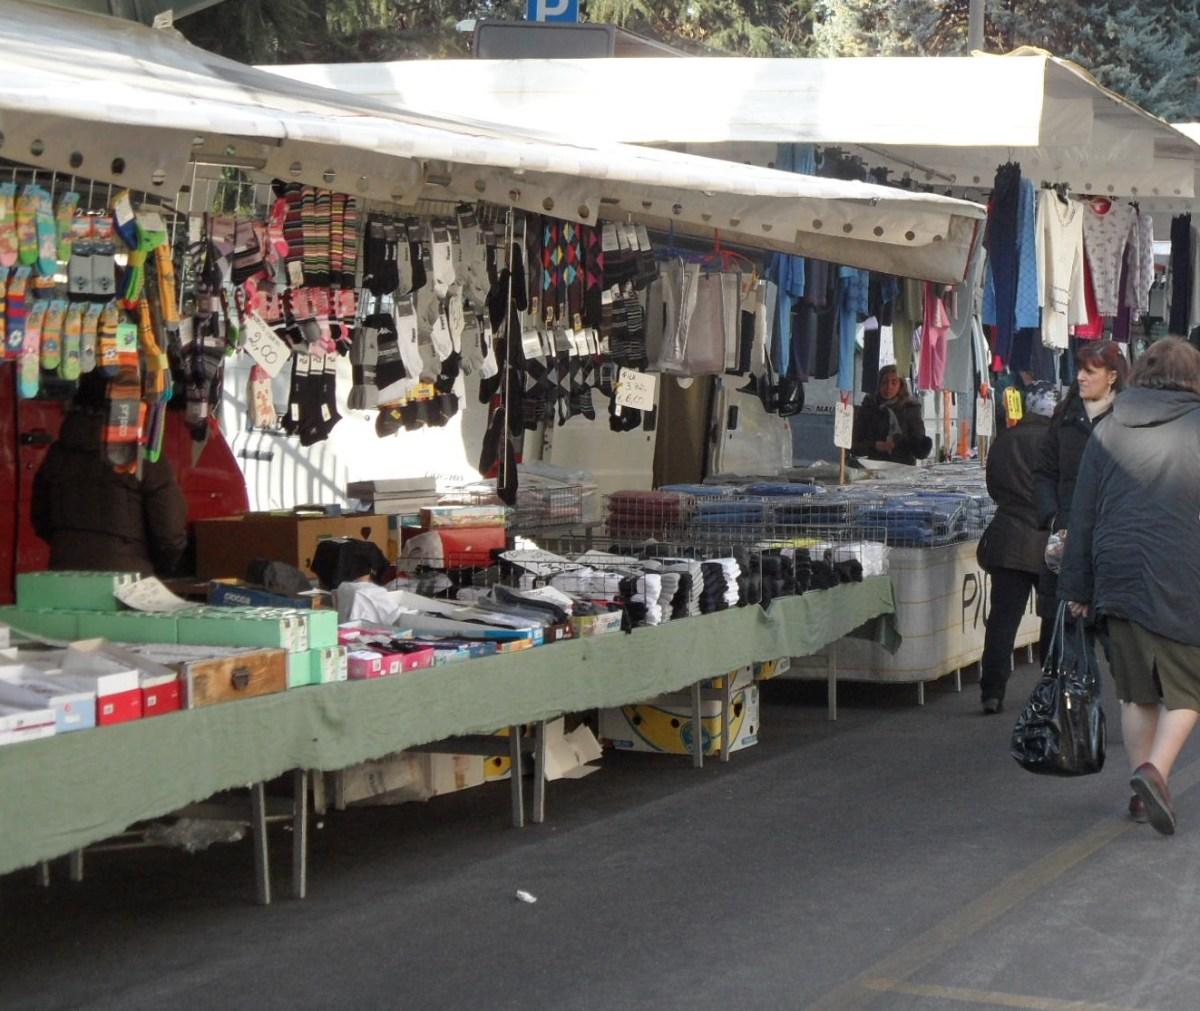 Campobello. Da domani il mercatino settimanale a Tre Fontane, nell'ex anfiteatro comunale